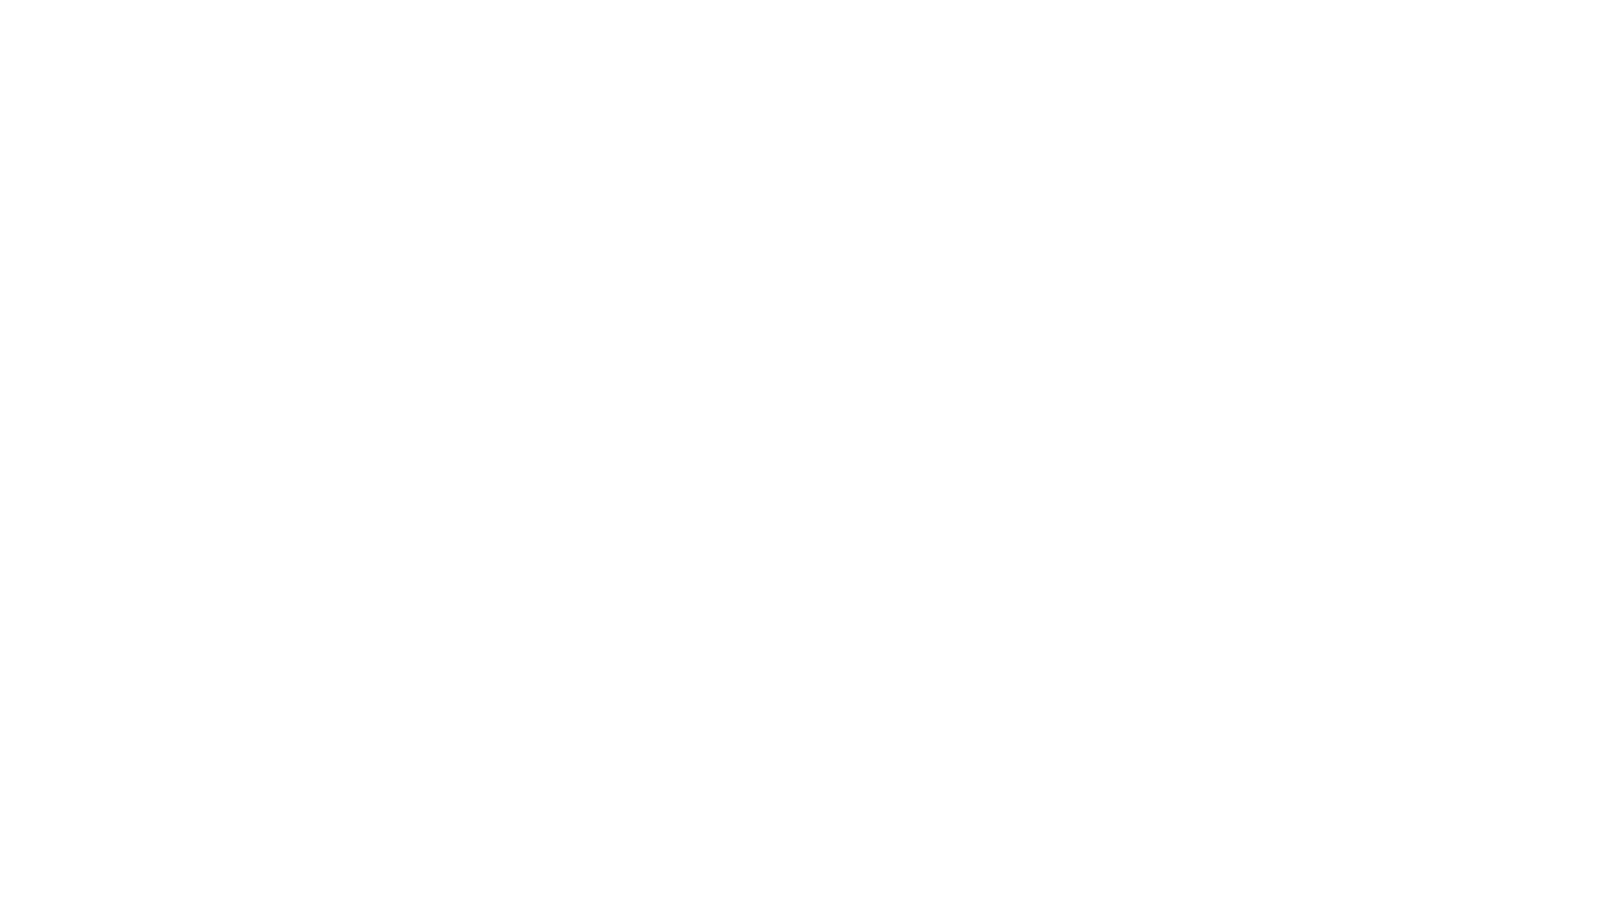 なとりむくむくプレーパークin十三塚公園 https://youtu.be/s7fk4Z7cjoM  プレーパークの定義 https://youtu.be/5Ly502YdZSw  ※※※※※※※※※※※※※※※※※※※※※※※※※※ 一般社団法人プレーワーカーズ  〇HP http://playworkers.org 〇Facebook https://m.facebook.com/tohoku.playworkers/ 〇Instagram https://Instagram.com/playworkers 〇YouTube https://www.youtube.com/channel/UCf7p2BYCg5Knod8UoUG8wqQ 〇イベント情報 https://line.me/R/ti/p/%40jsh9483d ○ネットショップ http://play.official.ec 〇ブログ「アソビノタネ」 http://playworkers.hateblo.jp 〇ブログ「○○(まるまる)」 http://marumaru-playworkers.hatenablog.com/ 〇寄付 http://playworkers.org/donation 〇個人会員 https://play.official.ec/items/18964829 〇お問い合わせ info@playworkers.org ※※※※※※※※※※※※※※※※※※※※※※※※